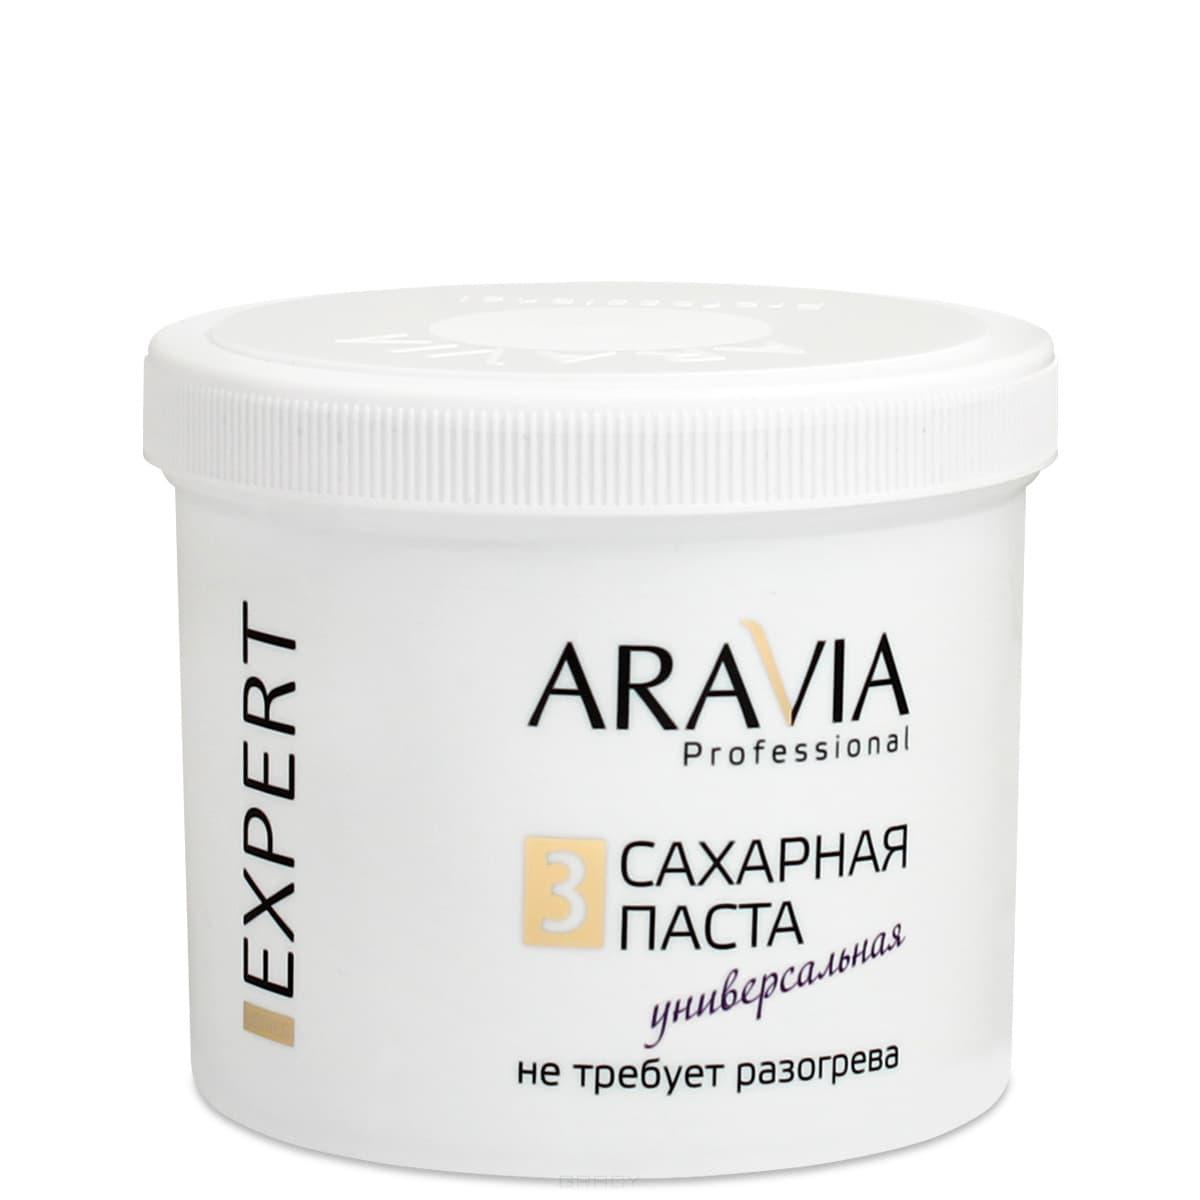 Aravia, Сахарная паста для депиляции EXPERT 3 Универсальная, 750 грПаста для шугаринга<br><br>